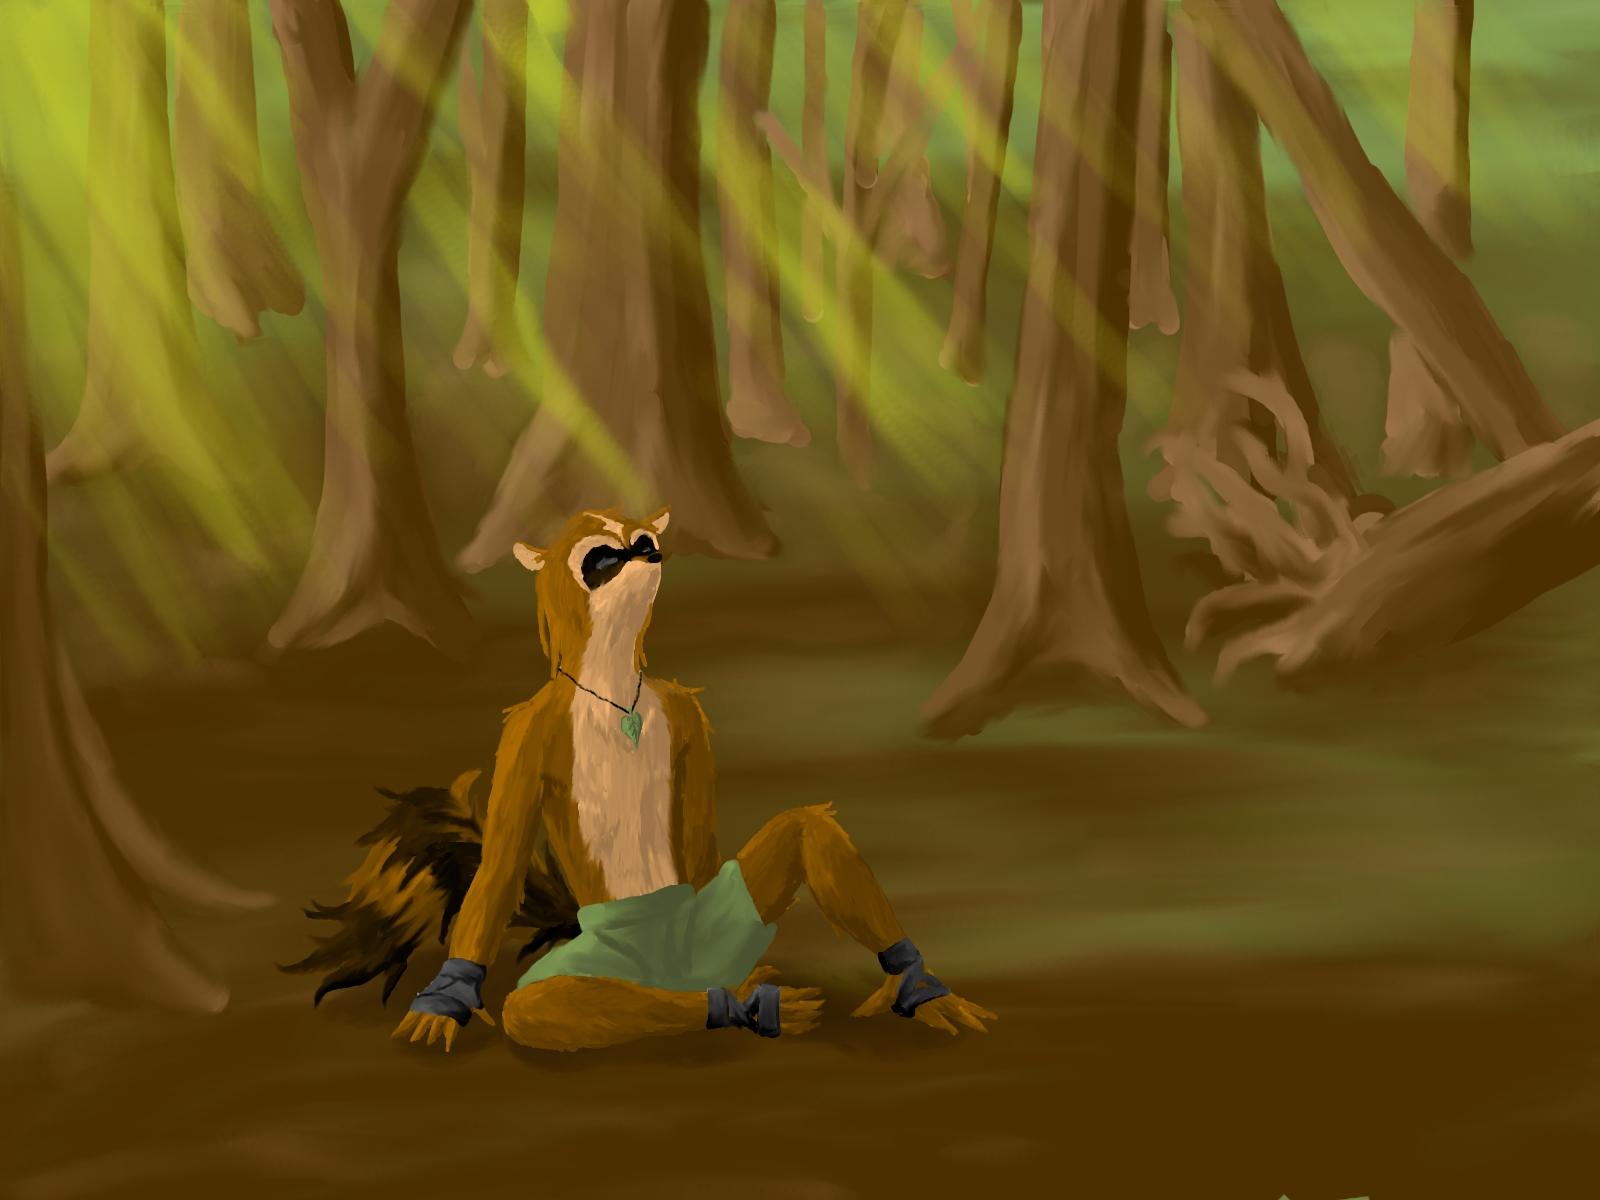 Radasus in the Woods